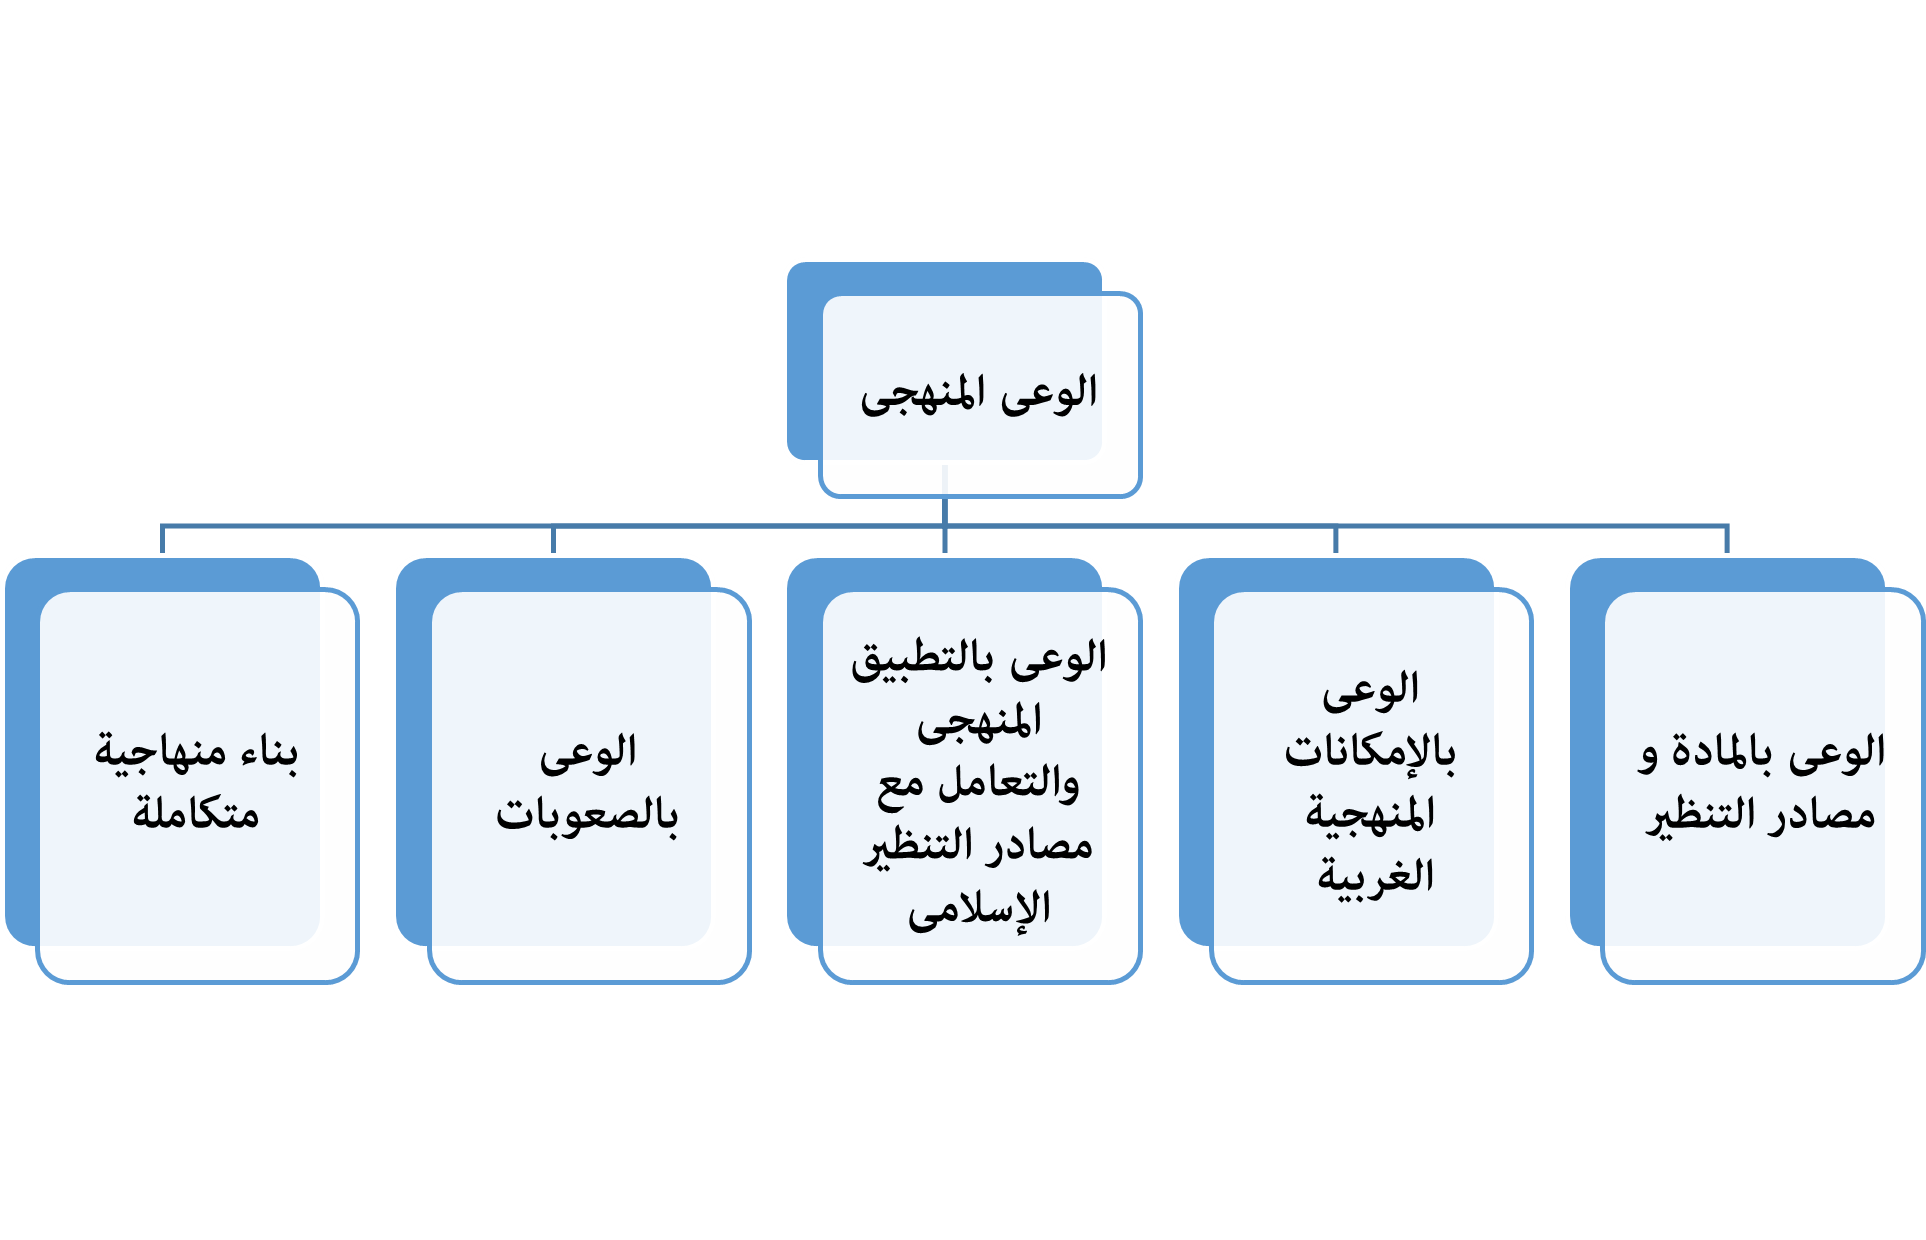 الإطار المنهجي بين الإمكانات الغربية المتاحة والمنهاجية الأصيلة والبديلة-1